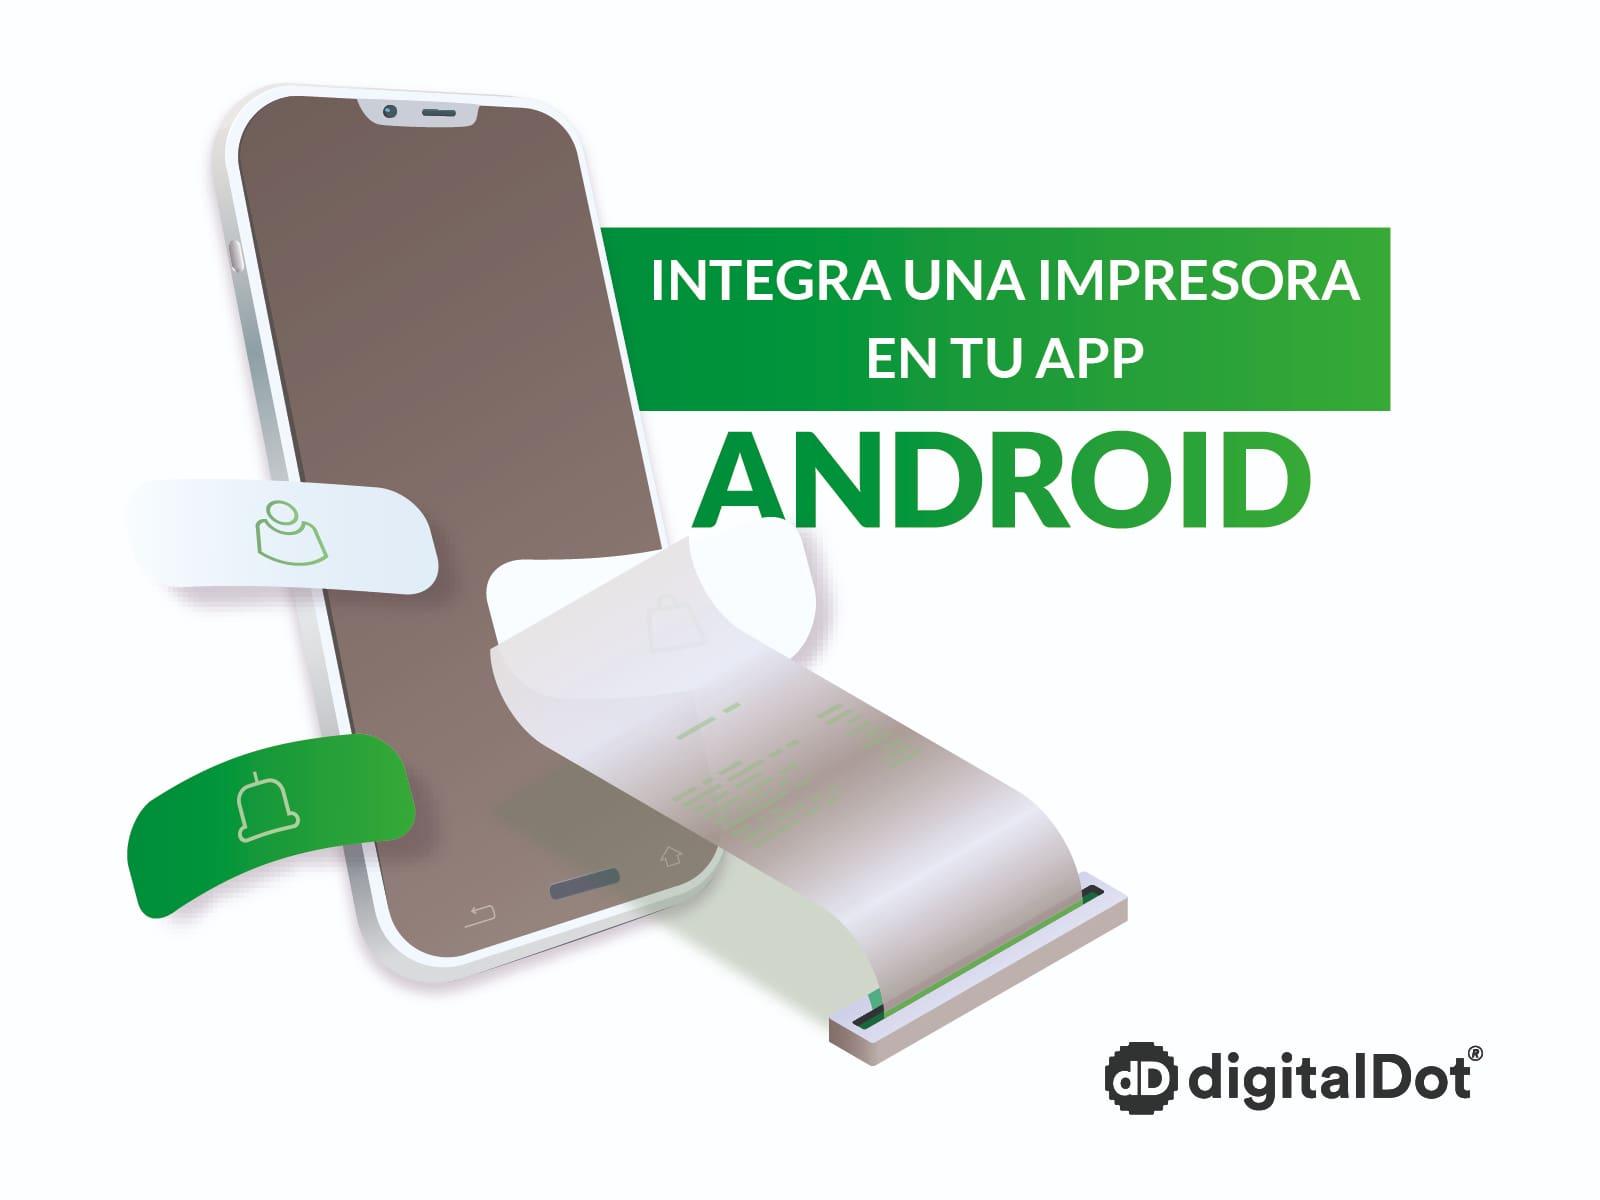 Cómo integrar una impresora para una aplicación Android